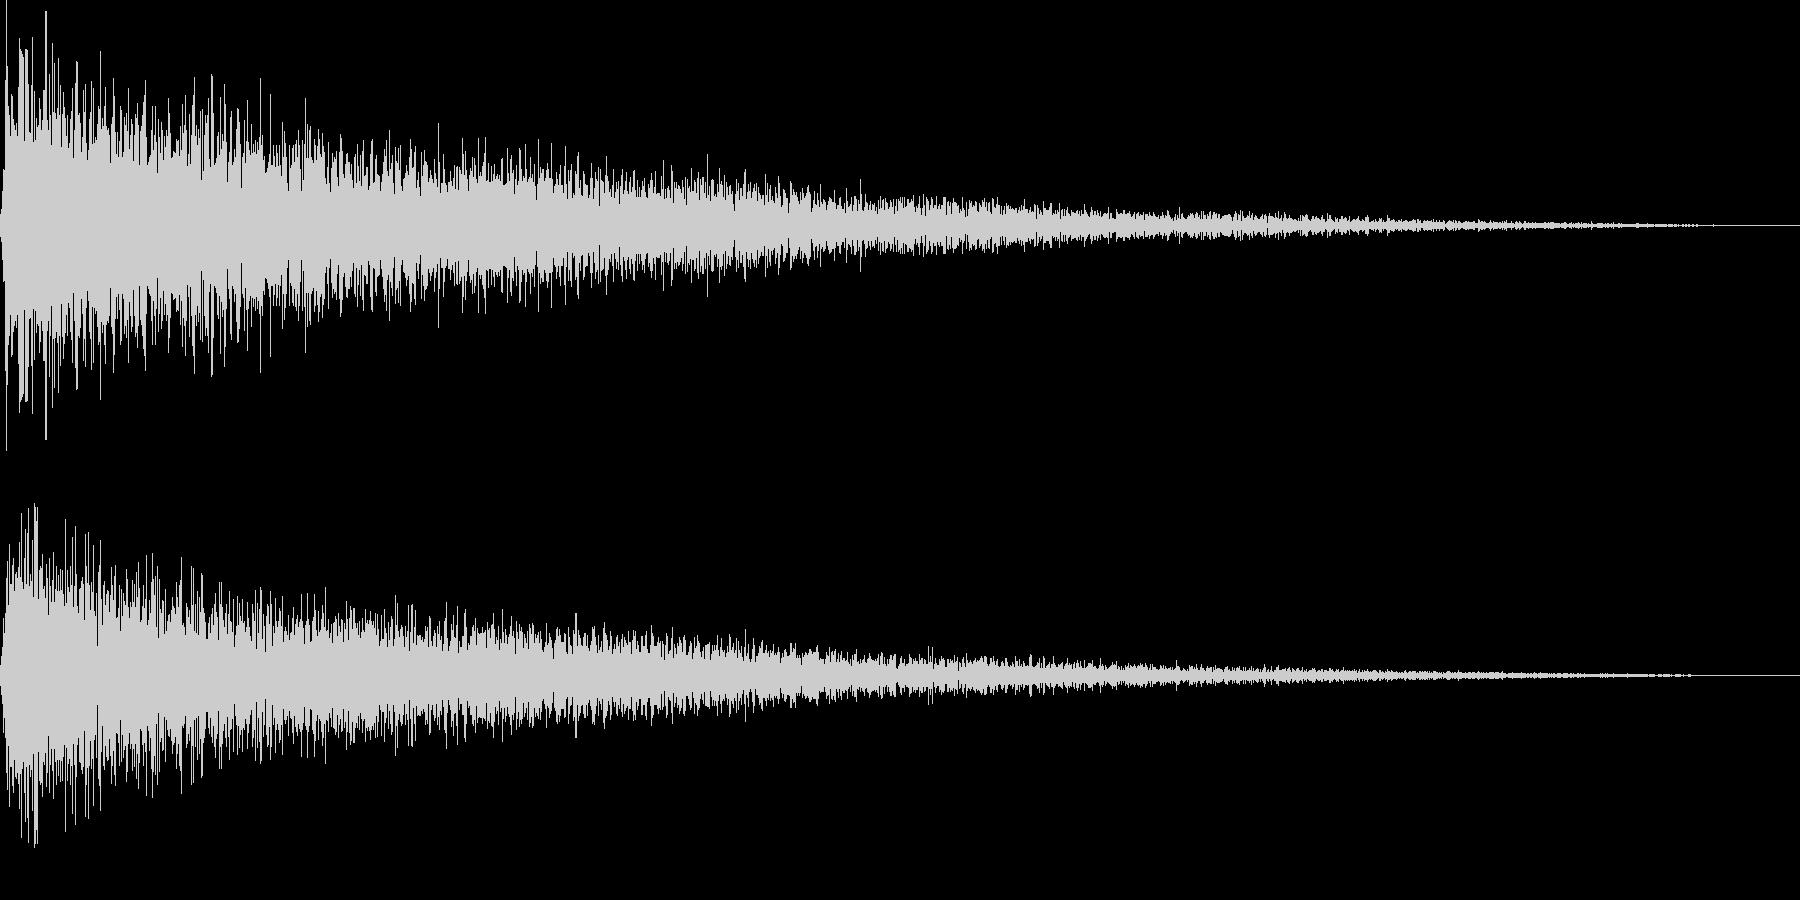 【ガーン】ピアノの低い音 2の未再生の波形